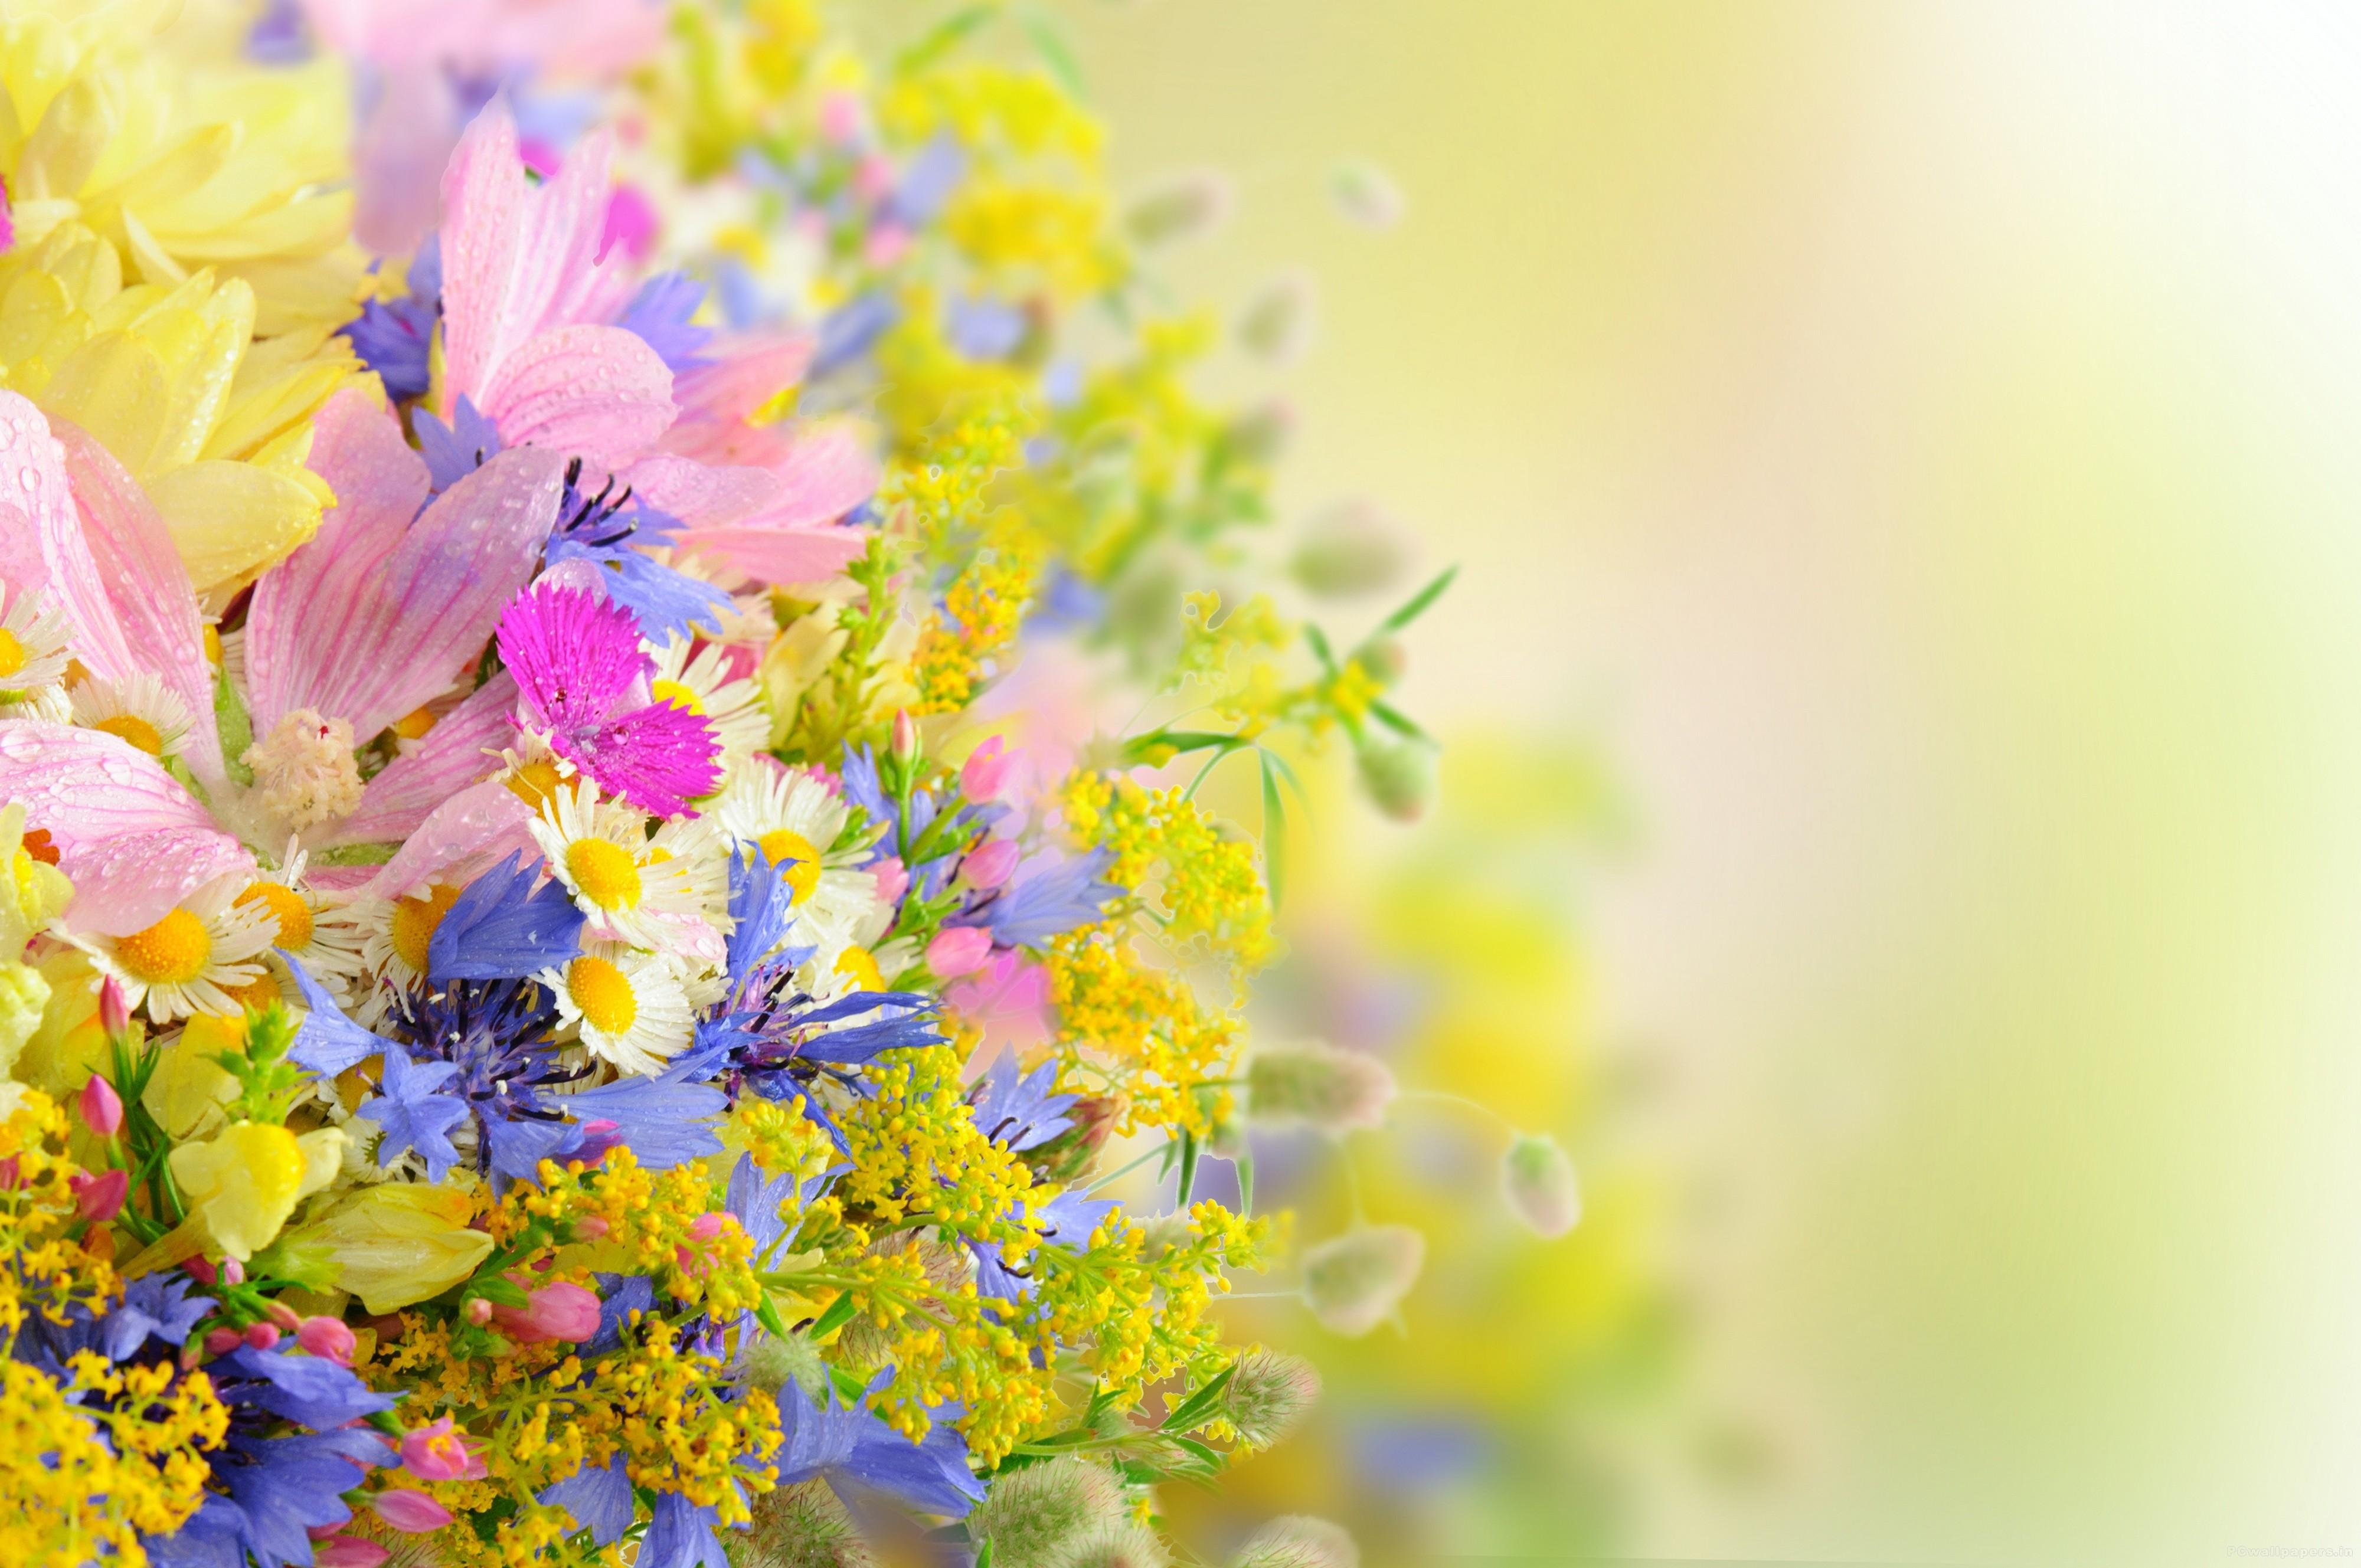 Pretty Flowers Wallpaper